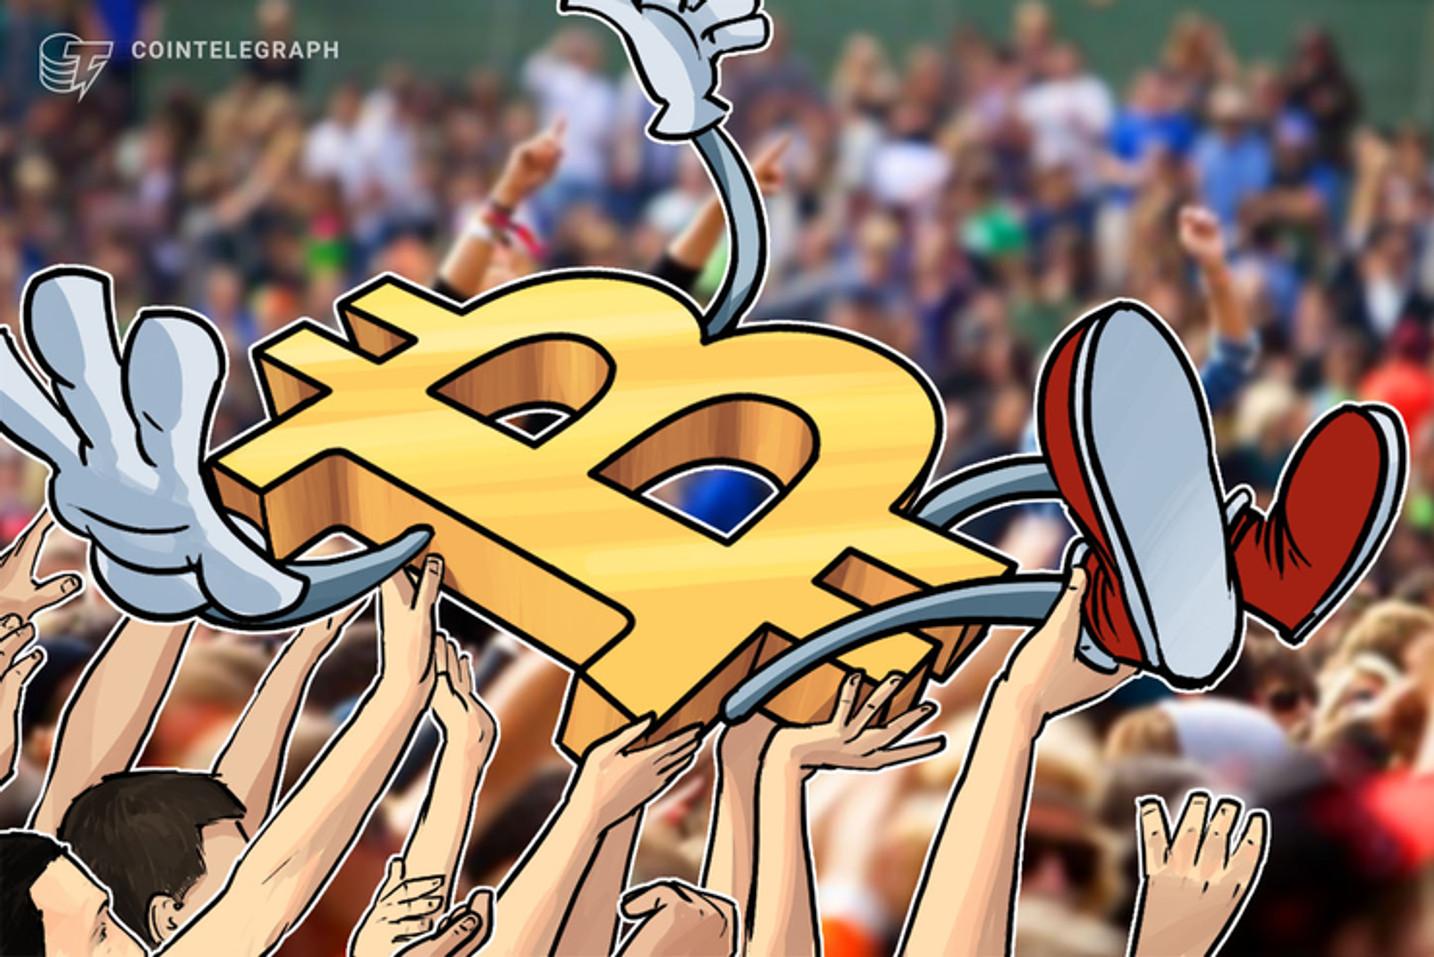 Após recomendar que investidores 'esqueçam o Bitcoin', diretor da Empiricus vê oportunidade de nova bull run em 2020